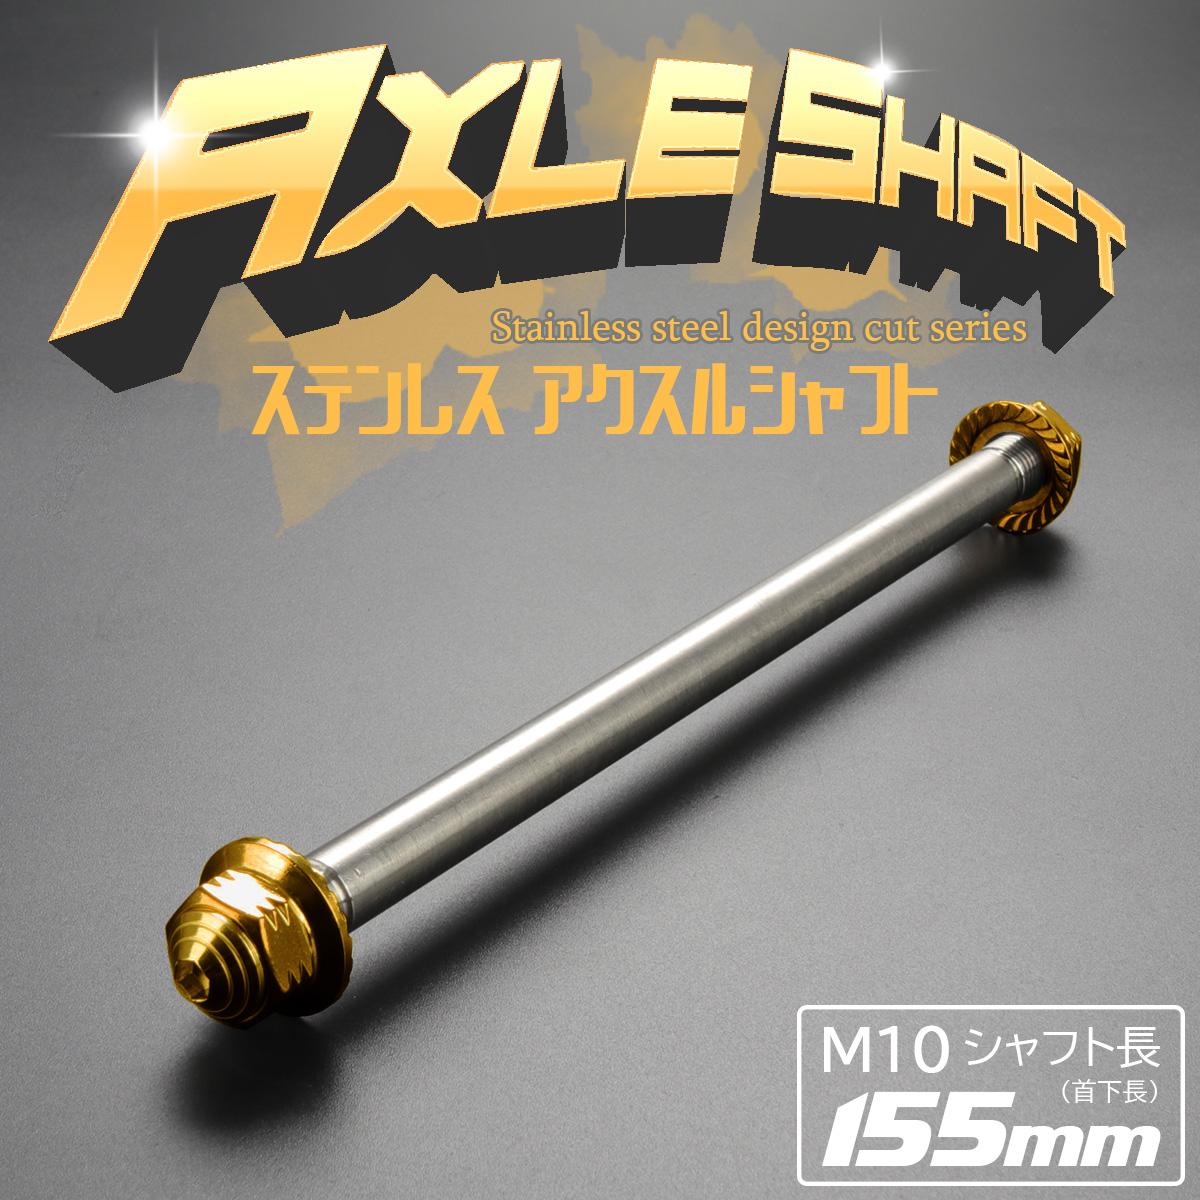 汎用 ステンレス アクスルシャフト M10 155mm ゴールド 4ミニ 原付など TH0341